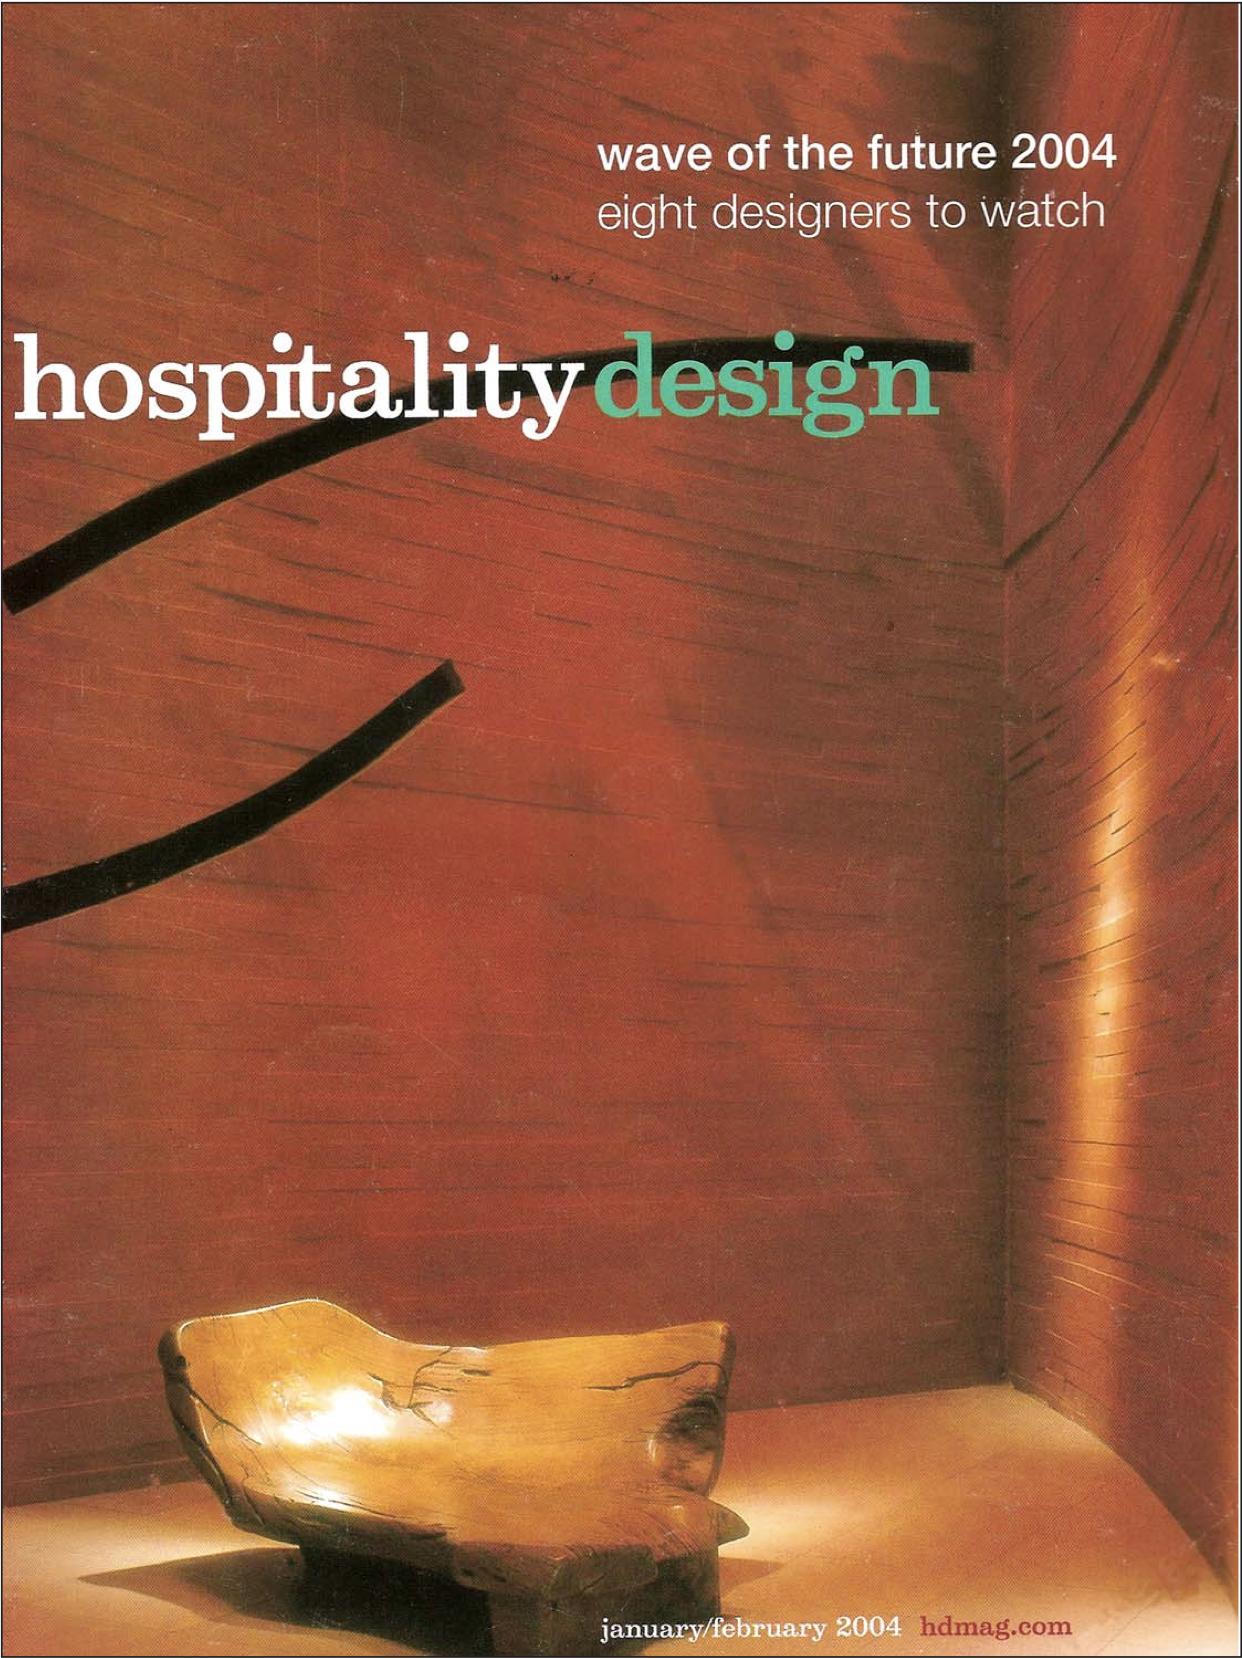 reeta-gyamlani-farrago-design-souffle HD cover